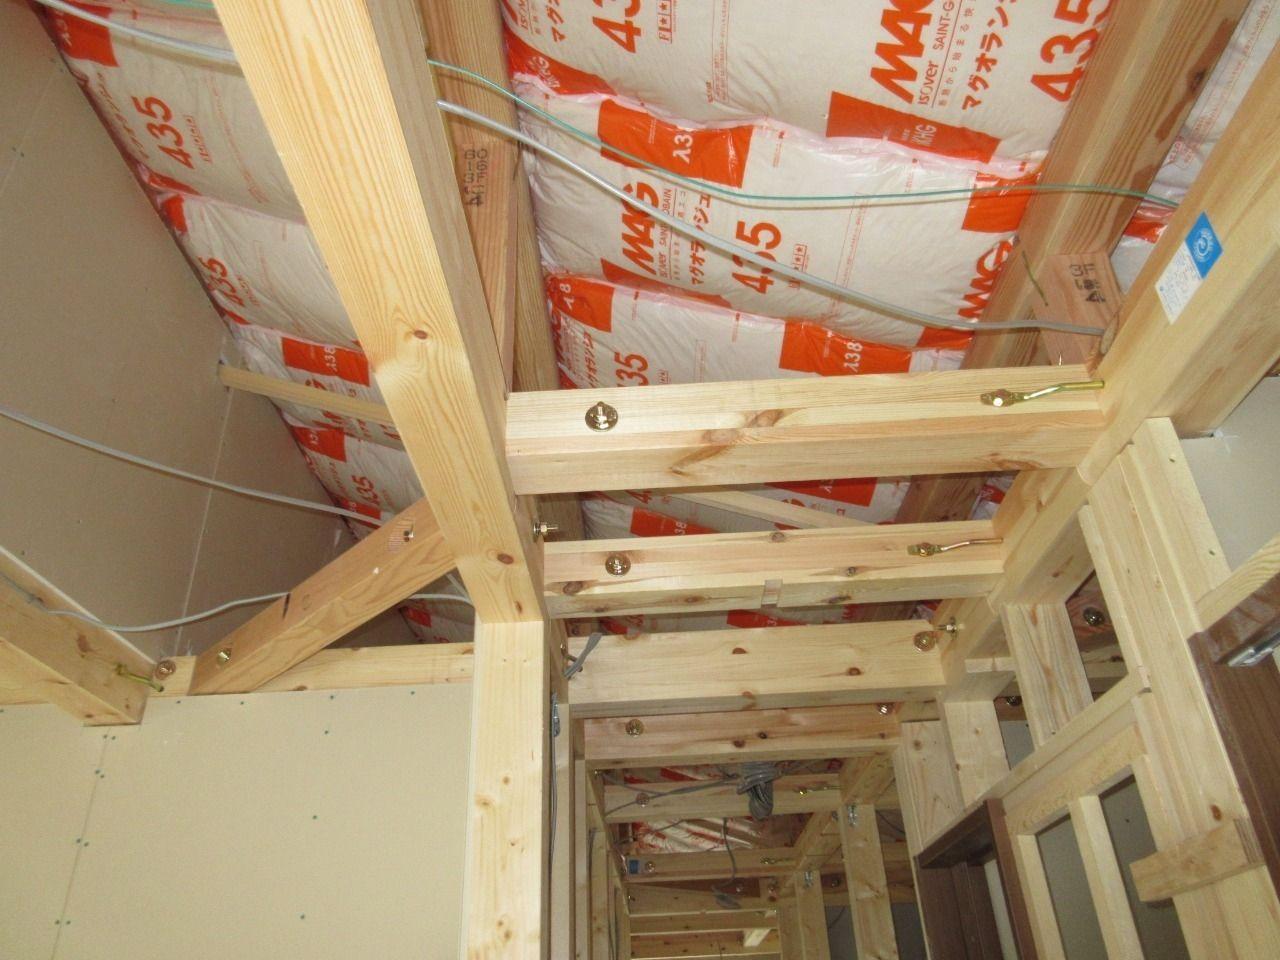 みなさまこんにちは。 徳丸3丁目の新築戸建現場の状況報告です。 3階の屋根部分には断熱材が敷きこまれています。